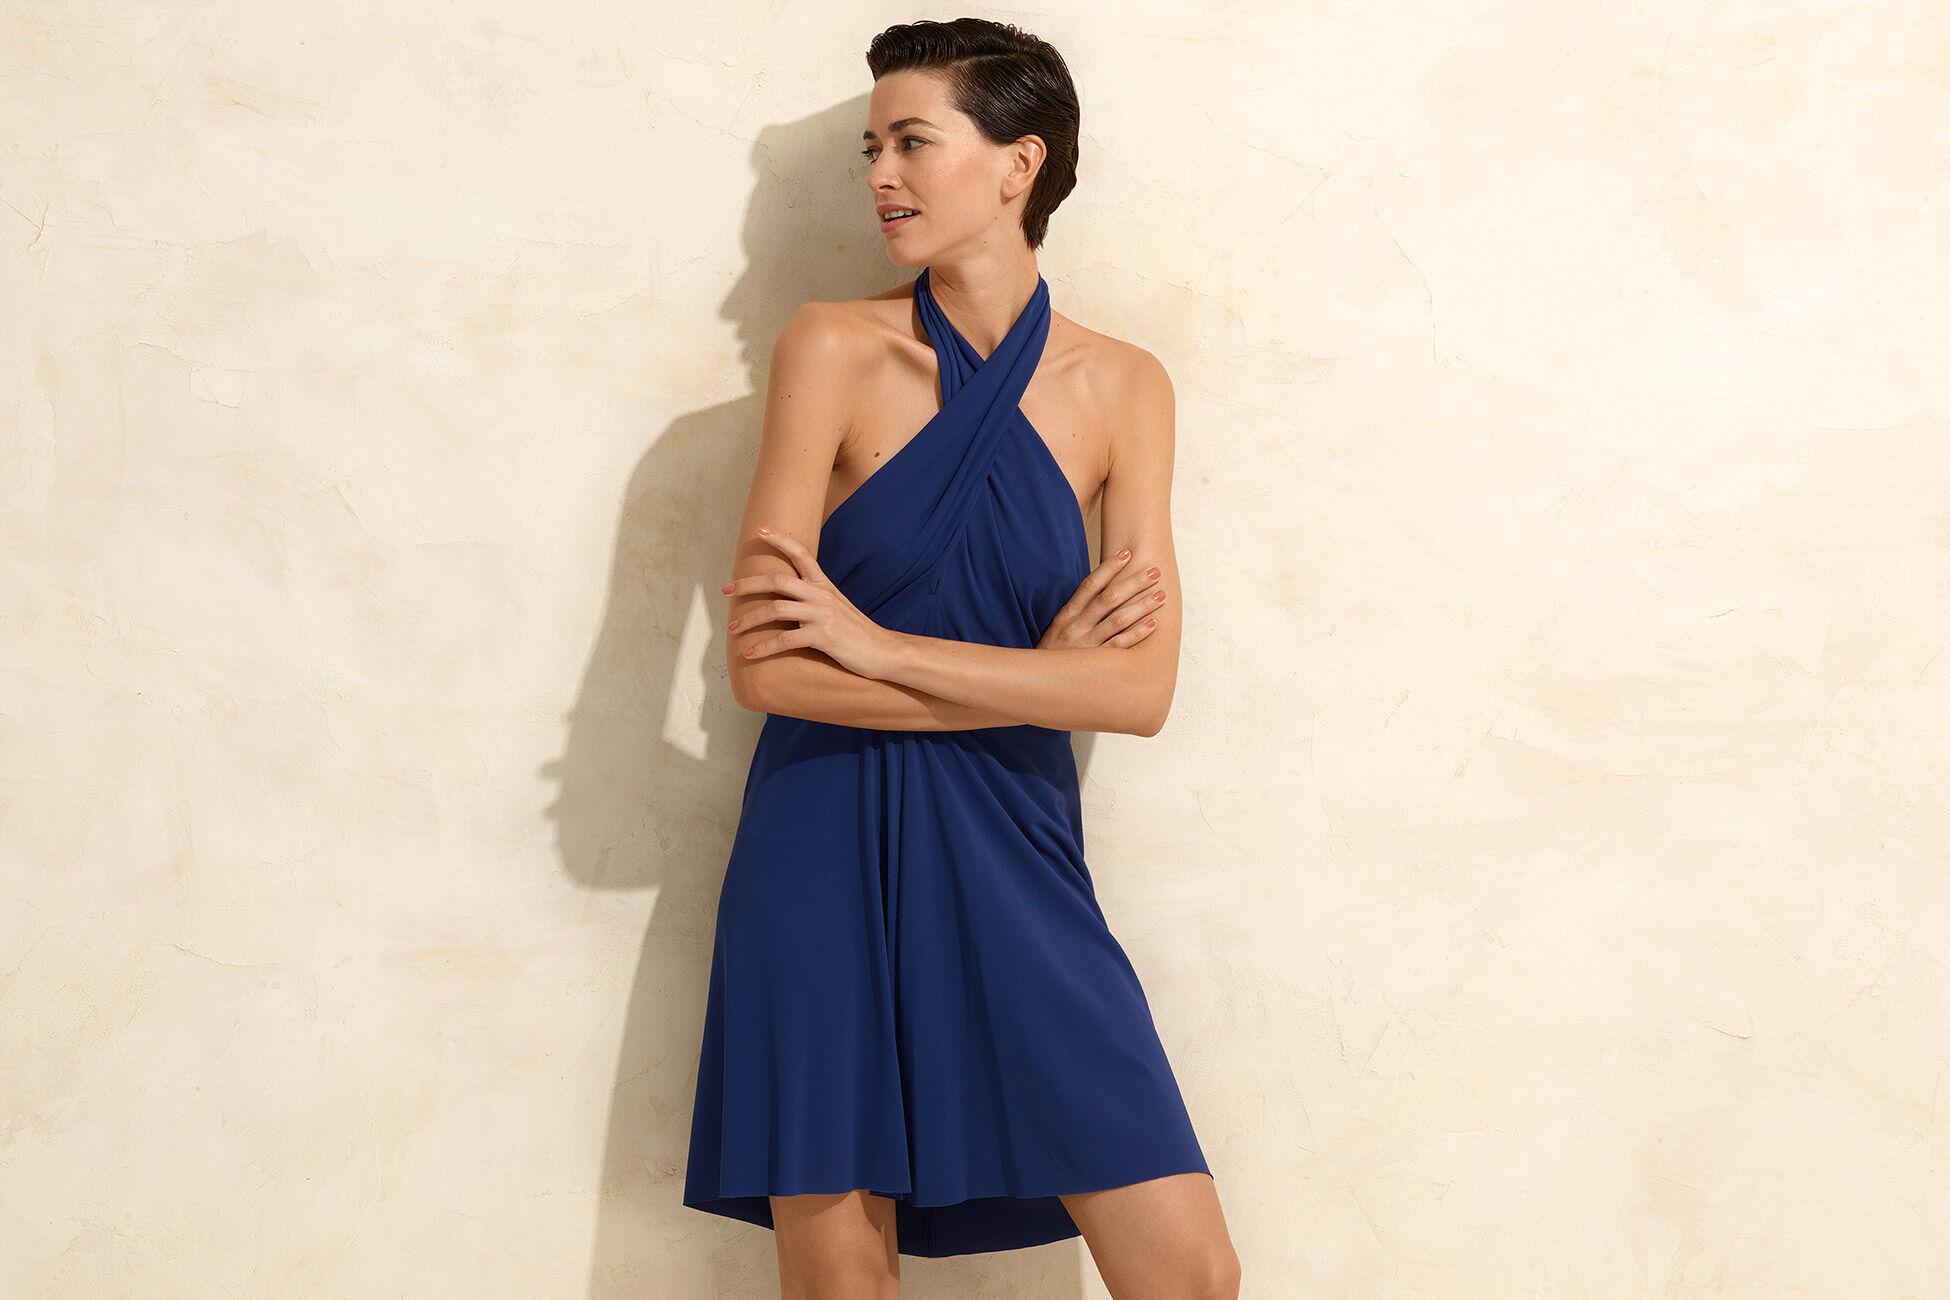 Mimi Vestido corto Vista estándar NaN